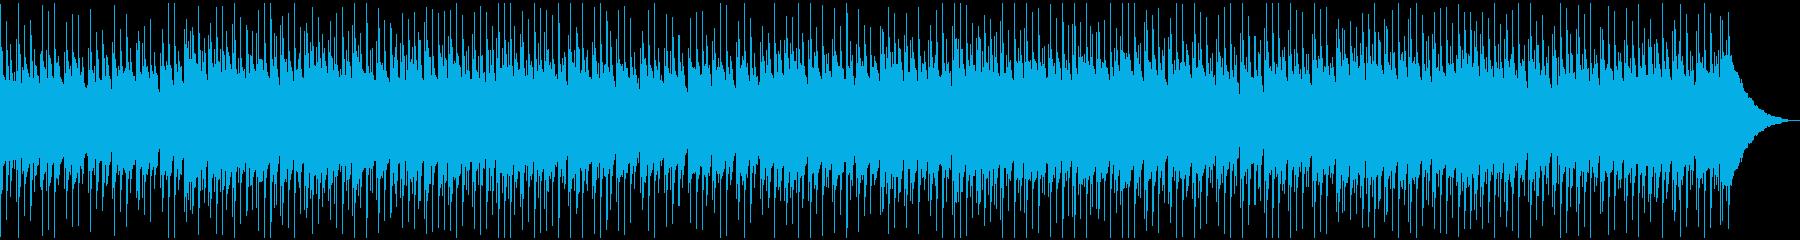 アップテンポで爽やかなウクレレの再生済みの波形